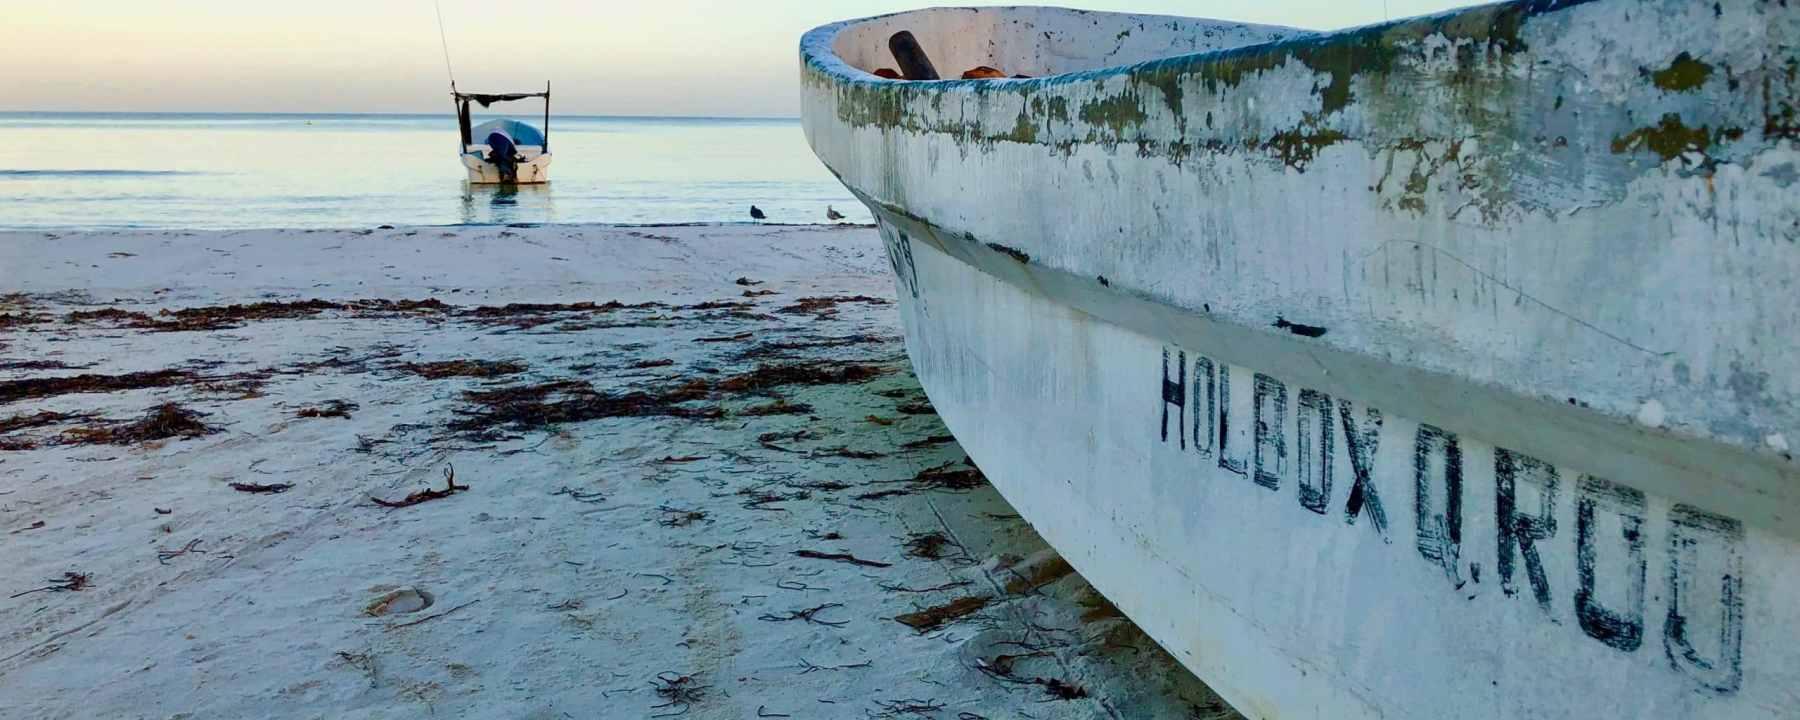 Chaloupe de pêcheurs sur la plage de Isla Hoblox au Mexique